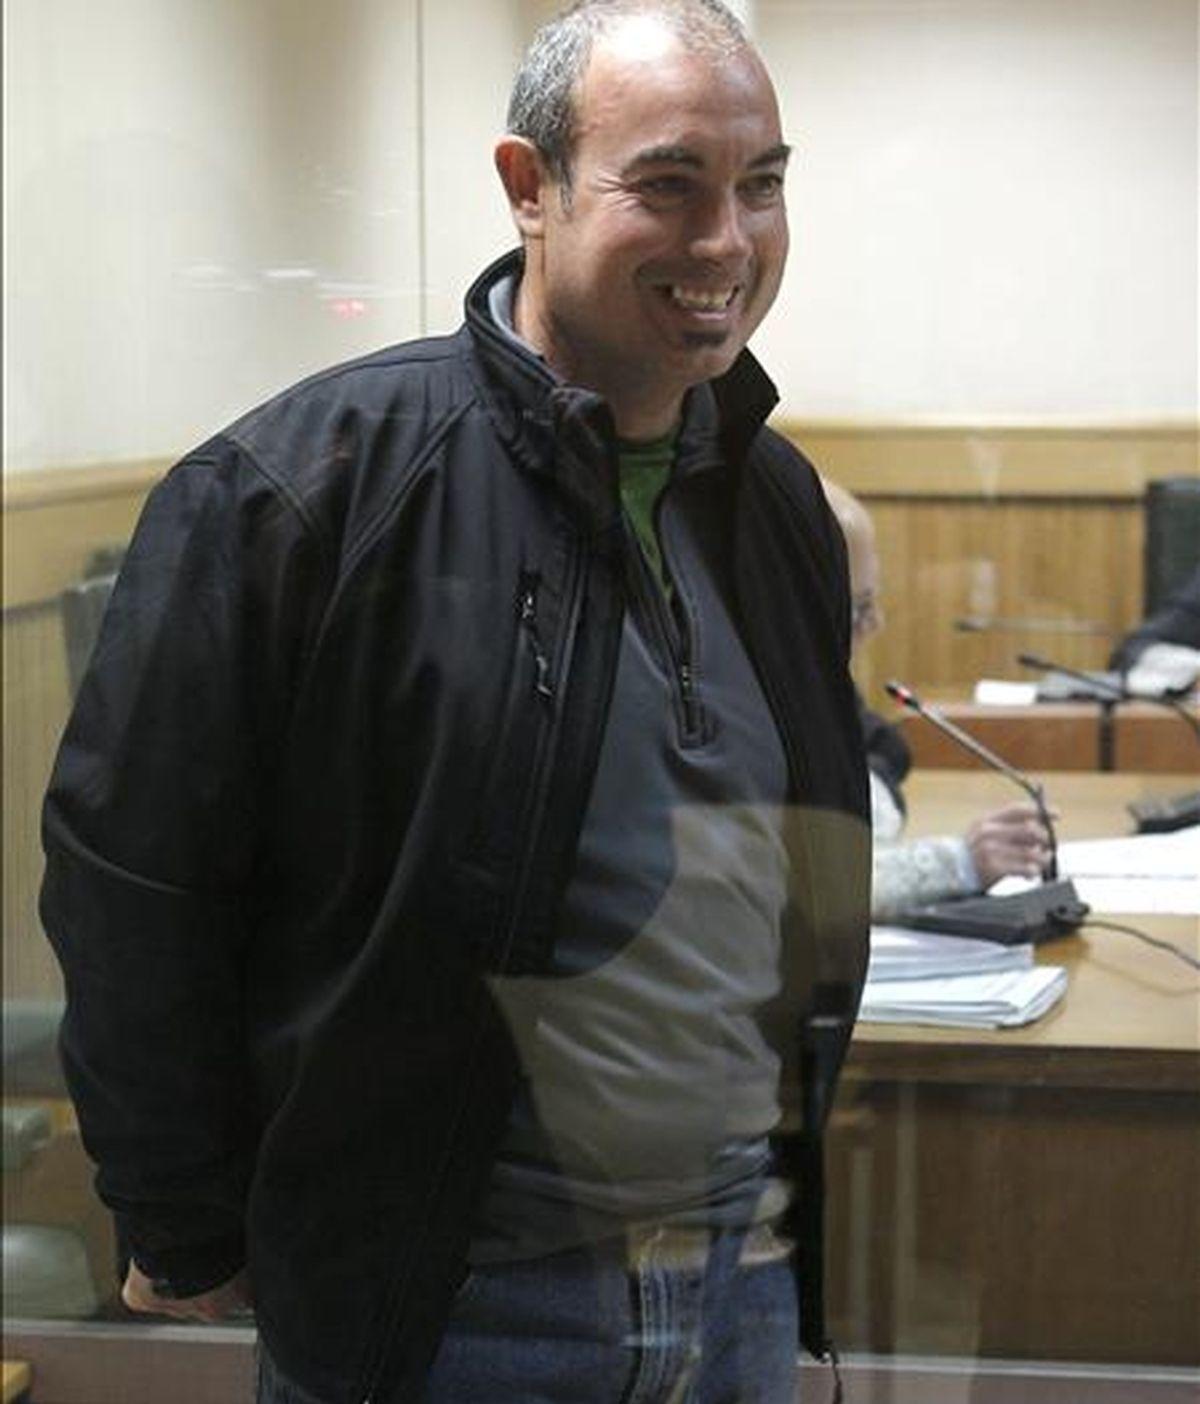 """El presunto miembro del comando """"Txirrita"""" de ETA Balbino Sáenz de Olarra, durante el juicio que se sigue contra él en la Audiencia Nacional por un atentado en 2002 con coche-bomba contra un edificio de Repsol en el madrileño Paseo de la Castellana, hechos por los que el fiscal pide 21 años de cárcel. EFE"""